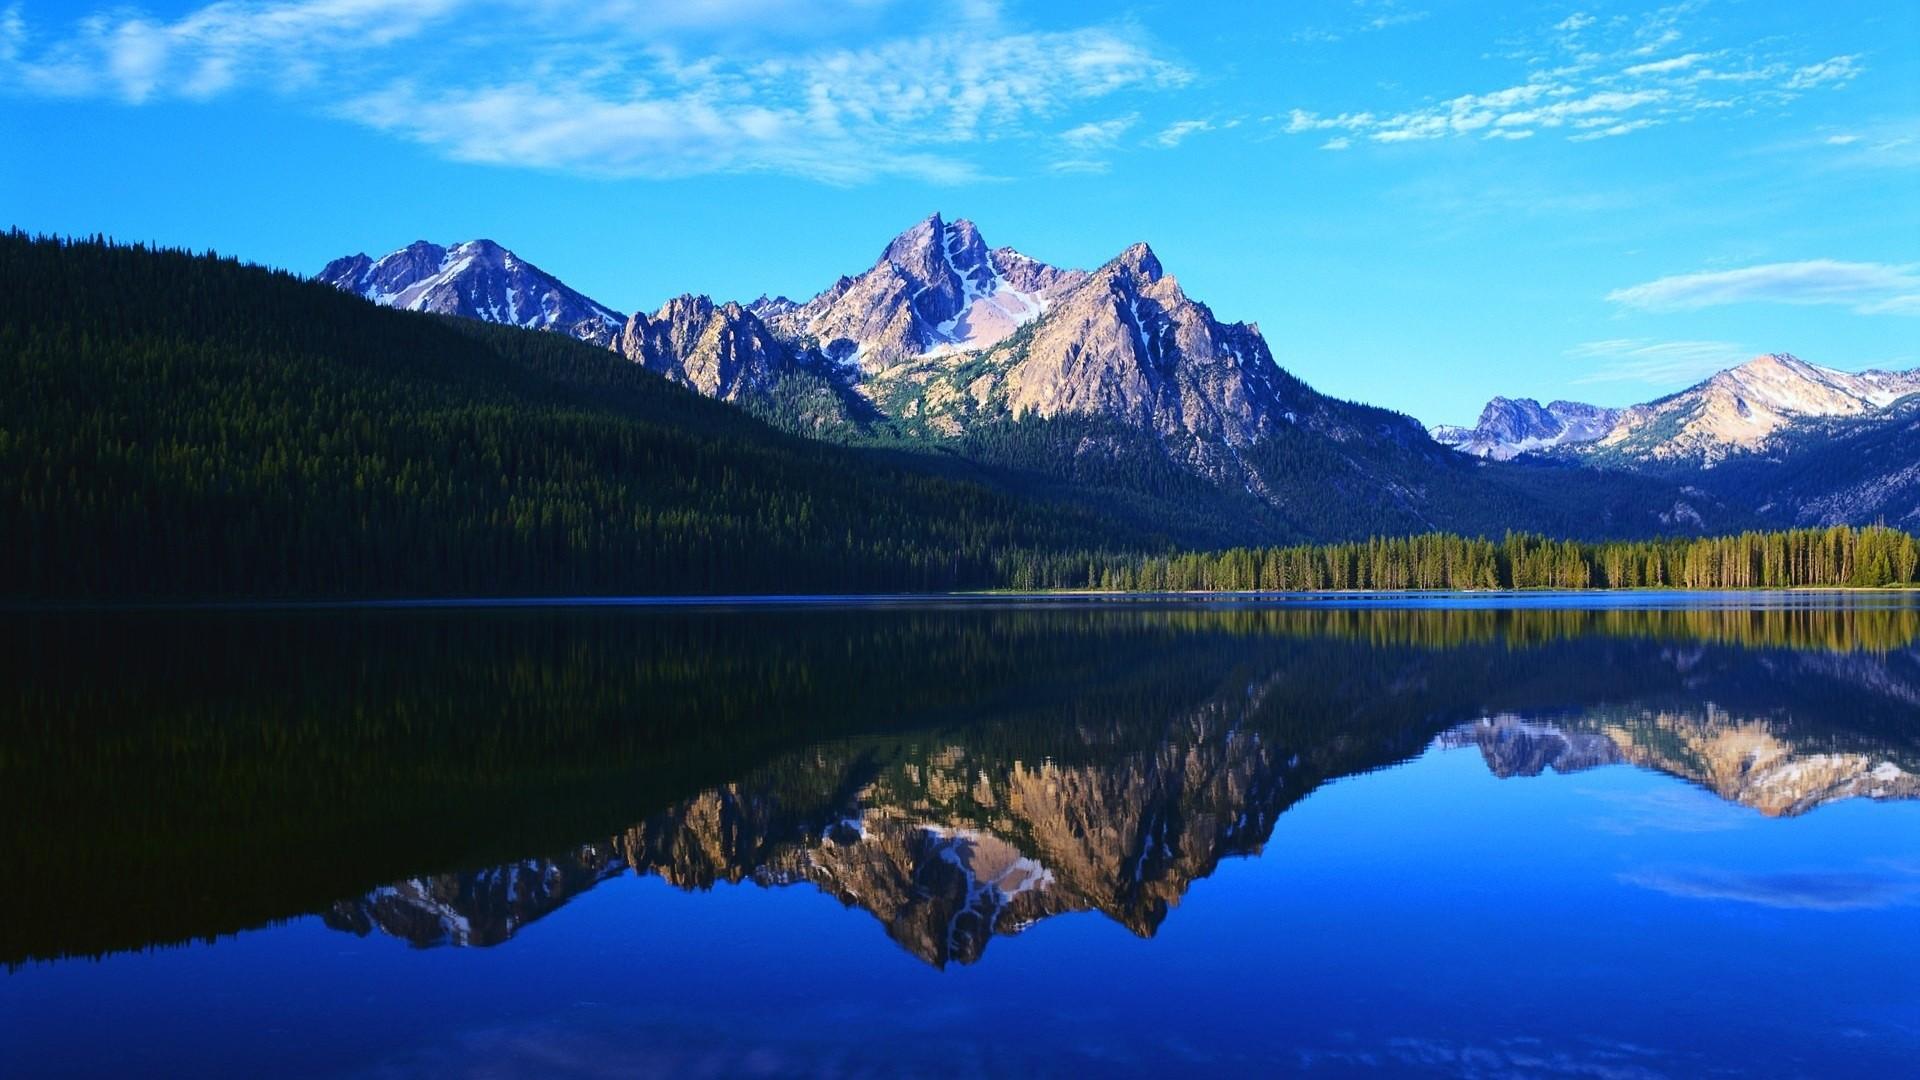 Die 76+ Besten Landschaften Hintergrundbilder Die 76+ Besten Natur  Wunderschöne Hintergrundbilder ...